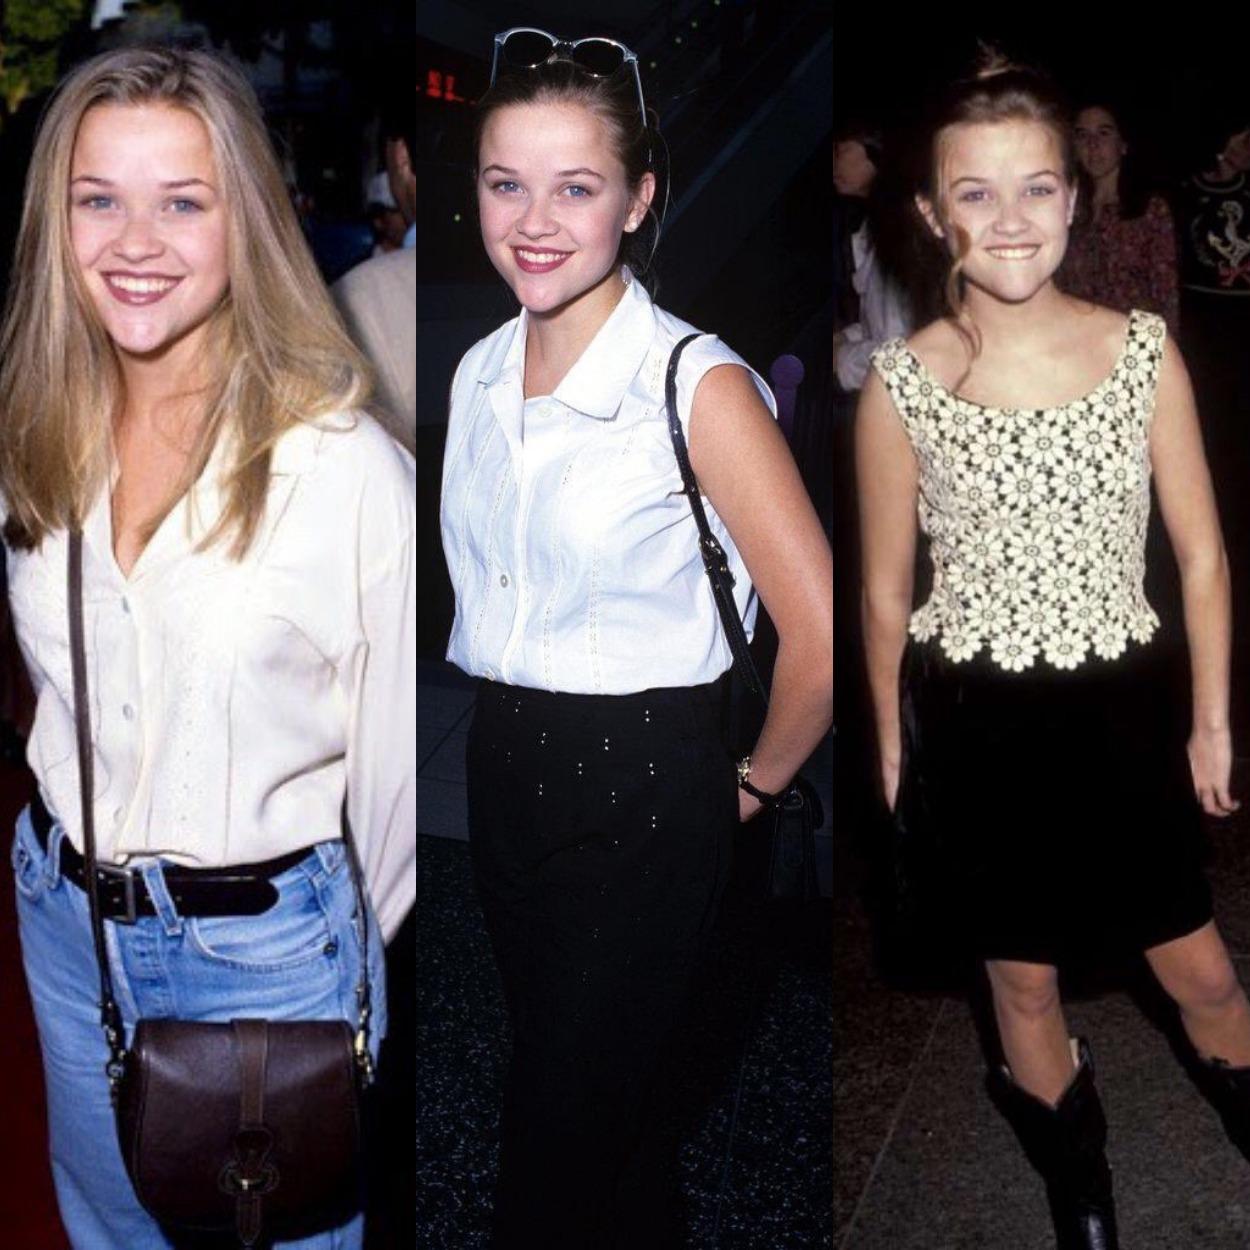 Эстетика фильмов 90-ых годов: почему она нравится молодёжи 2020? 25